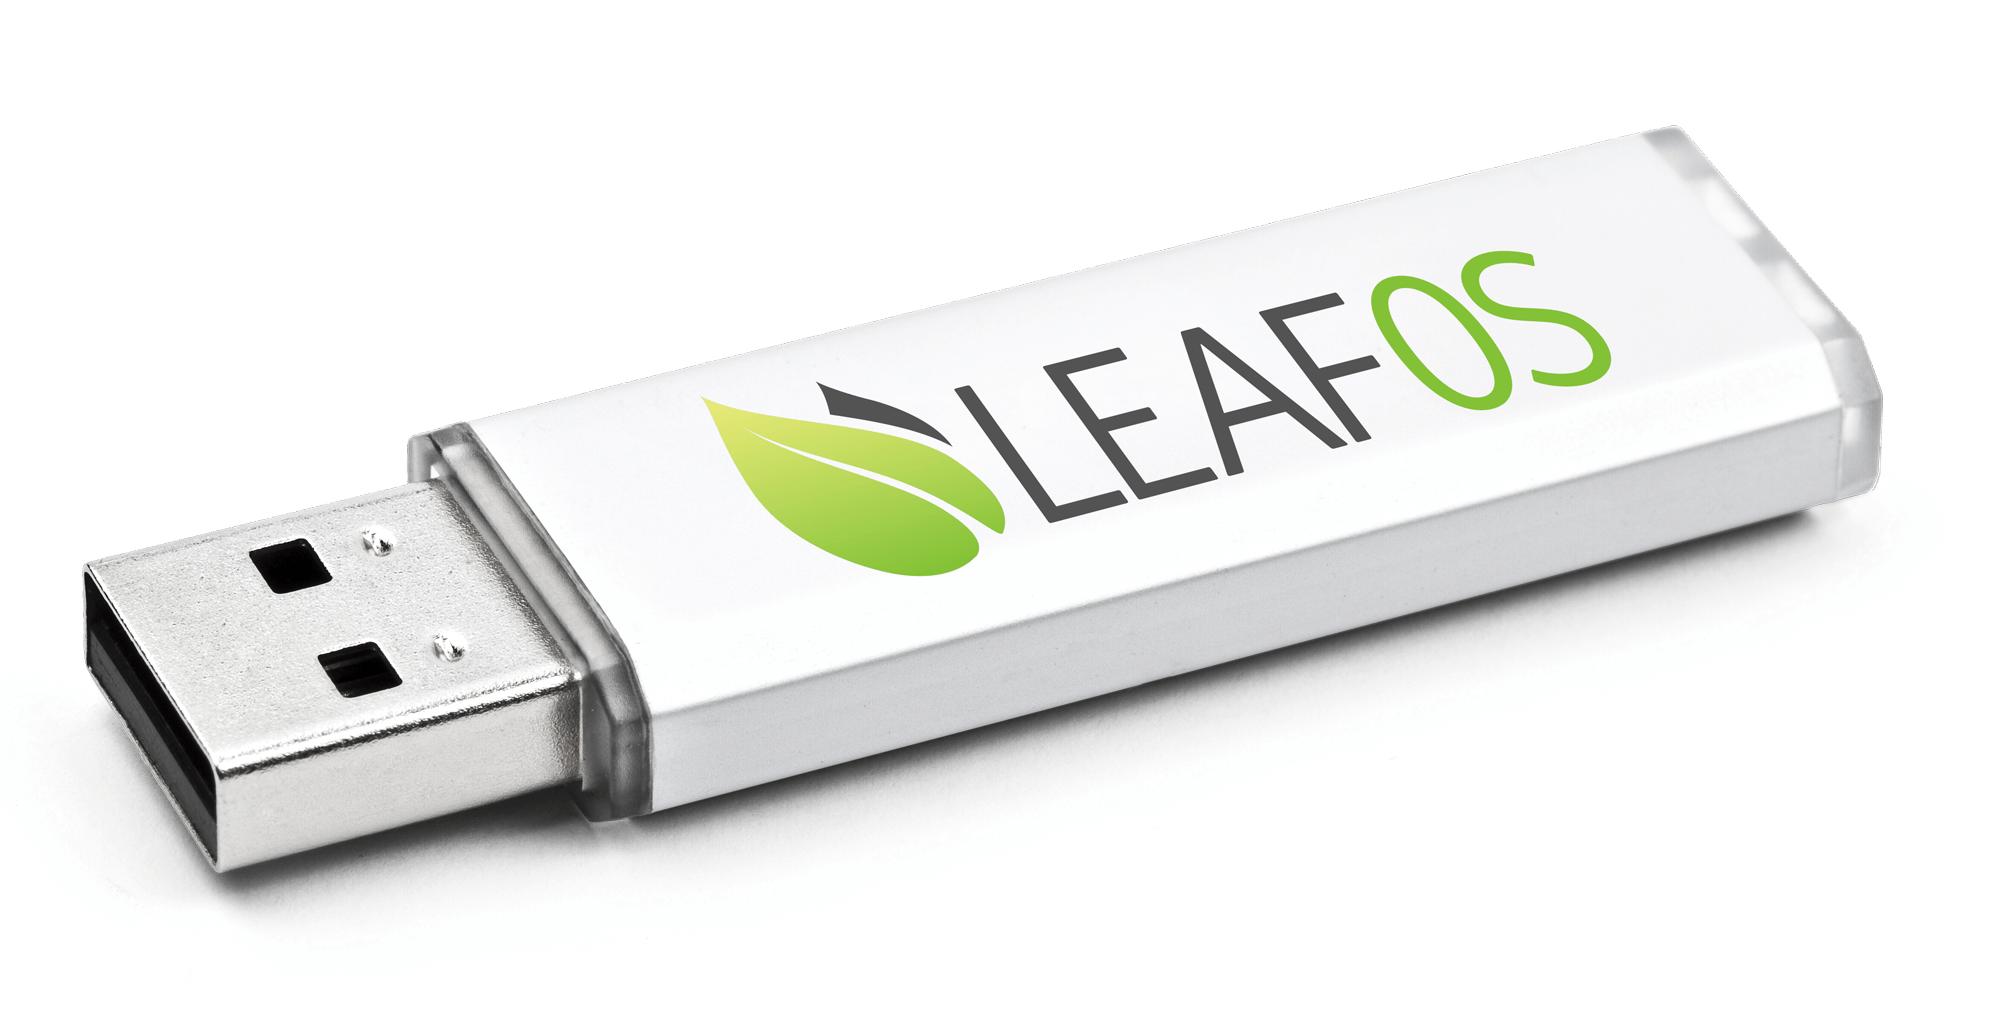 旧PC、电脑、笔记本升级工具LEAF OS可启动 USB 启动盘